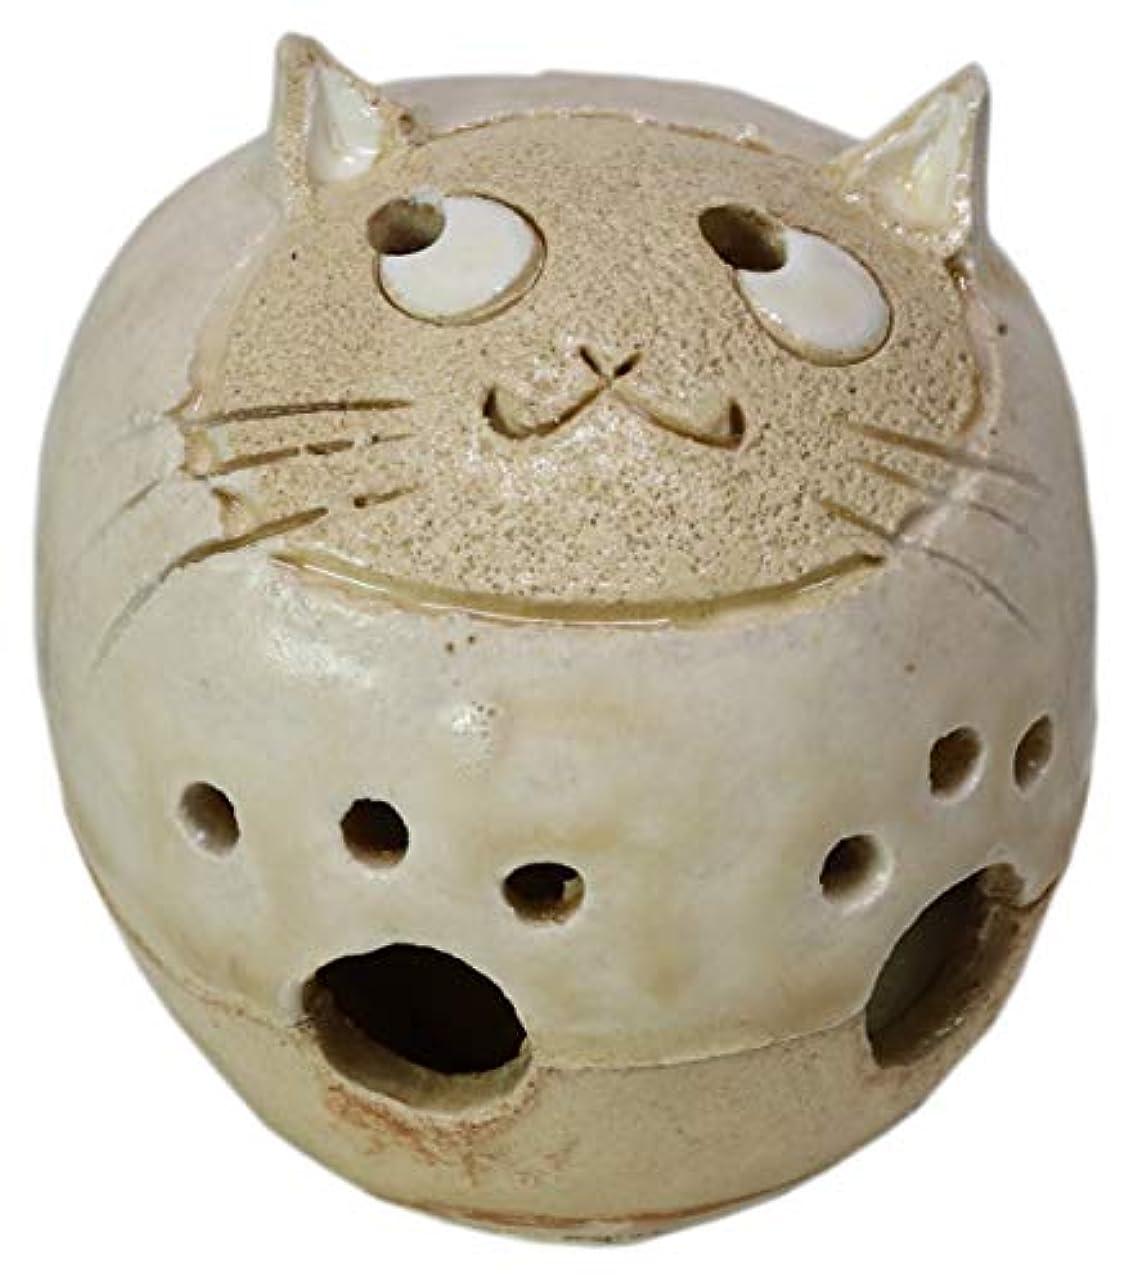 率直なツインジャンル香炉 丸猫 香炉(小) [H6cm] HANDMADE プレゼント ギフト 和食器 かわいい インテリア